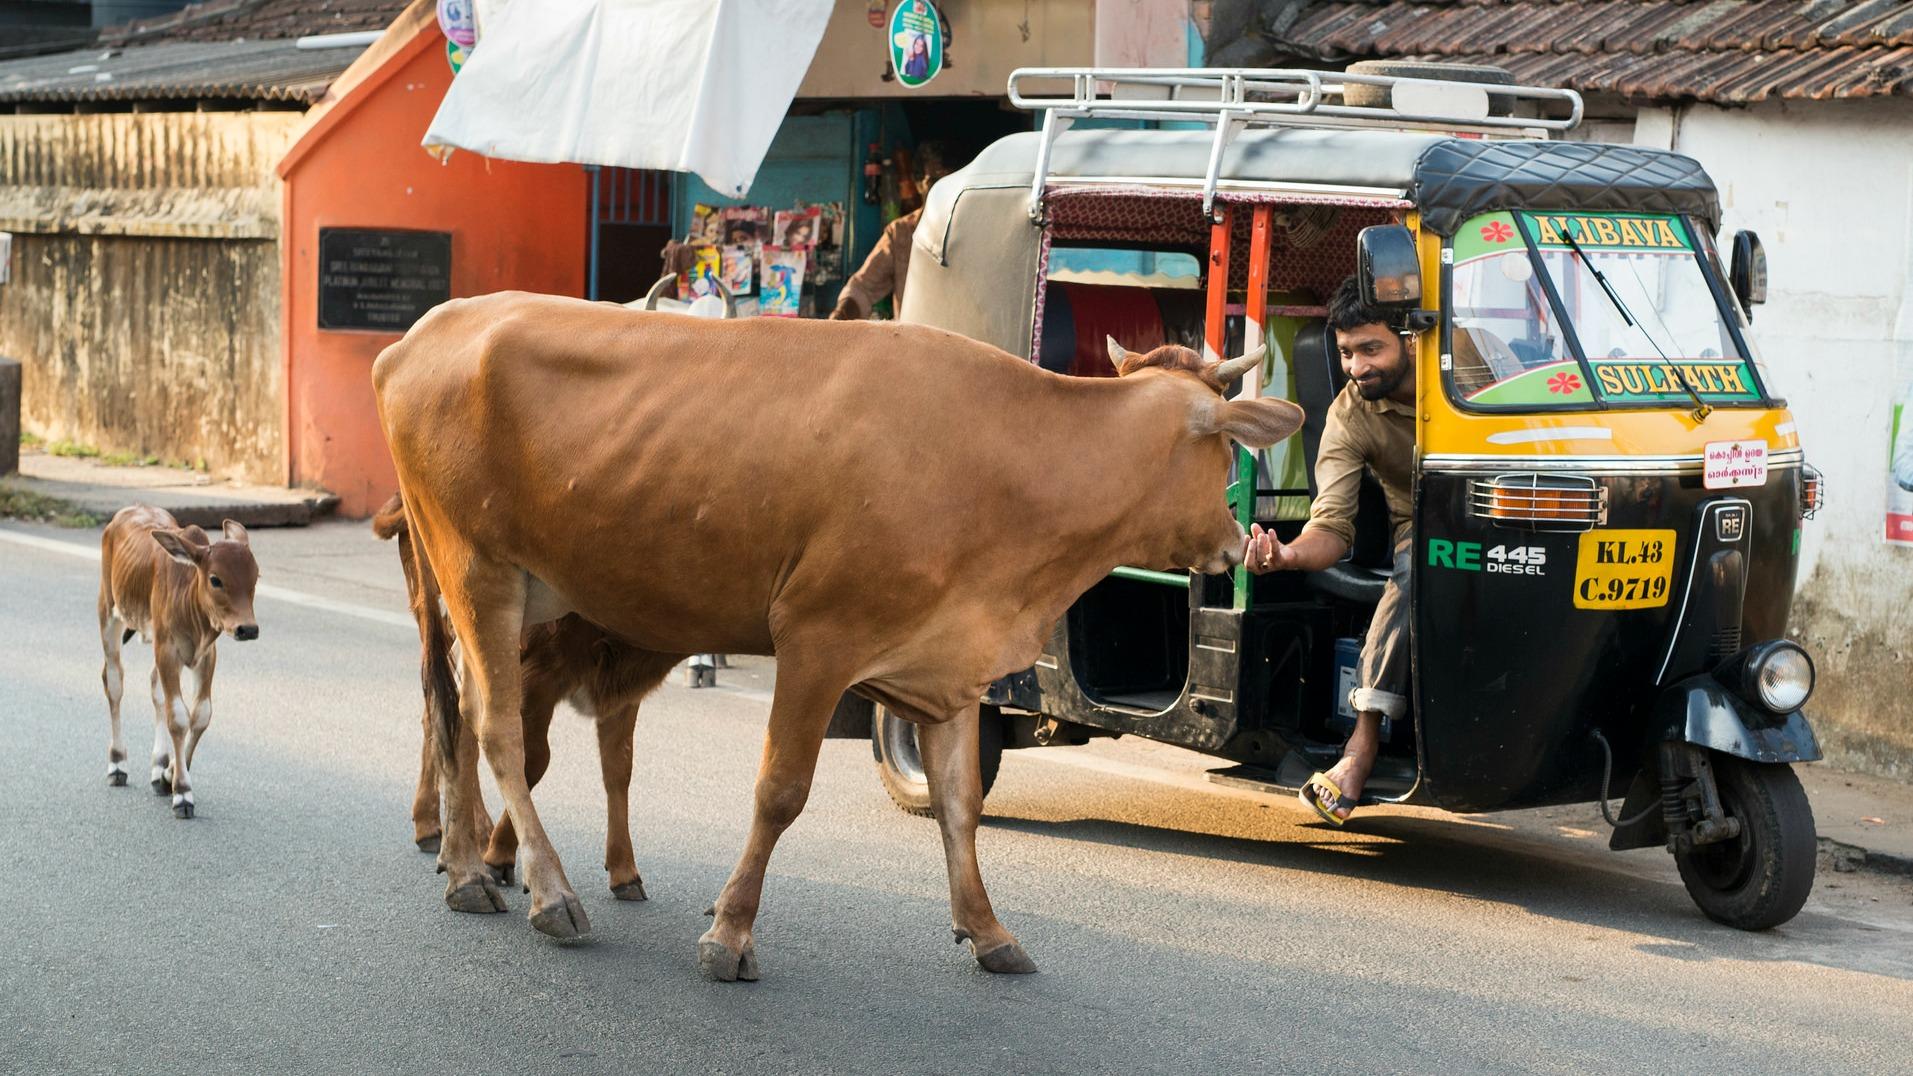 Inde : un homme battu à mort pour avoir tué une vache